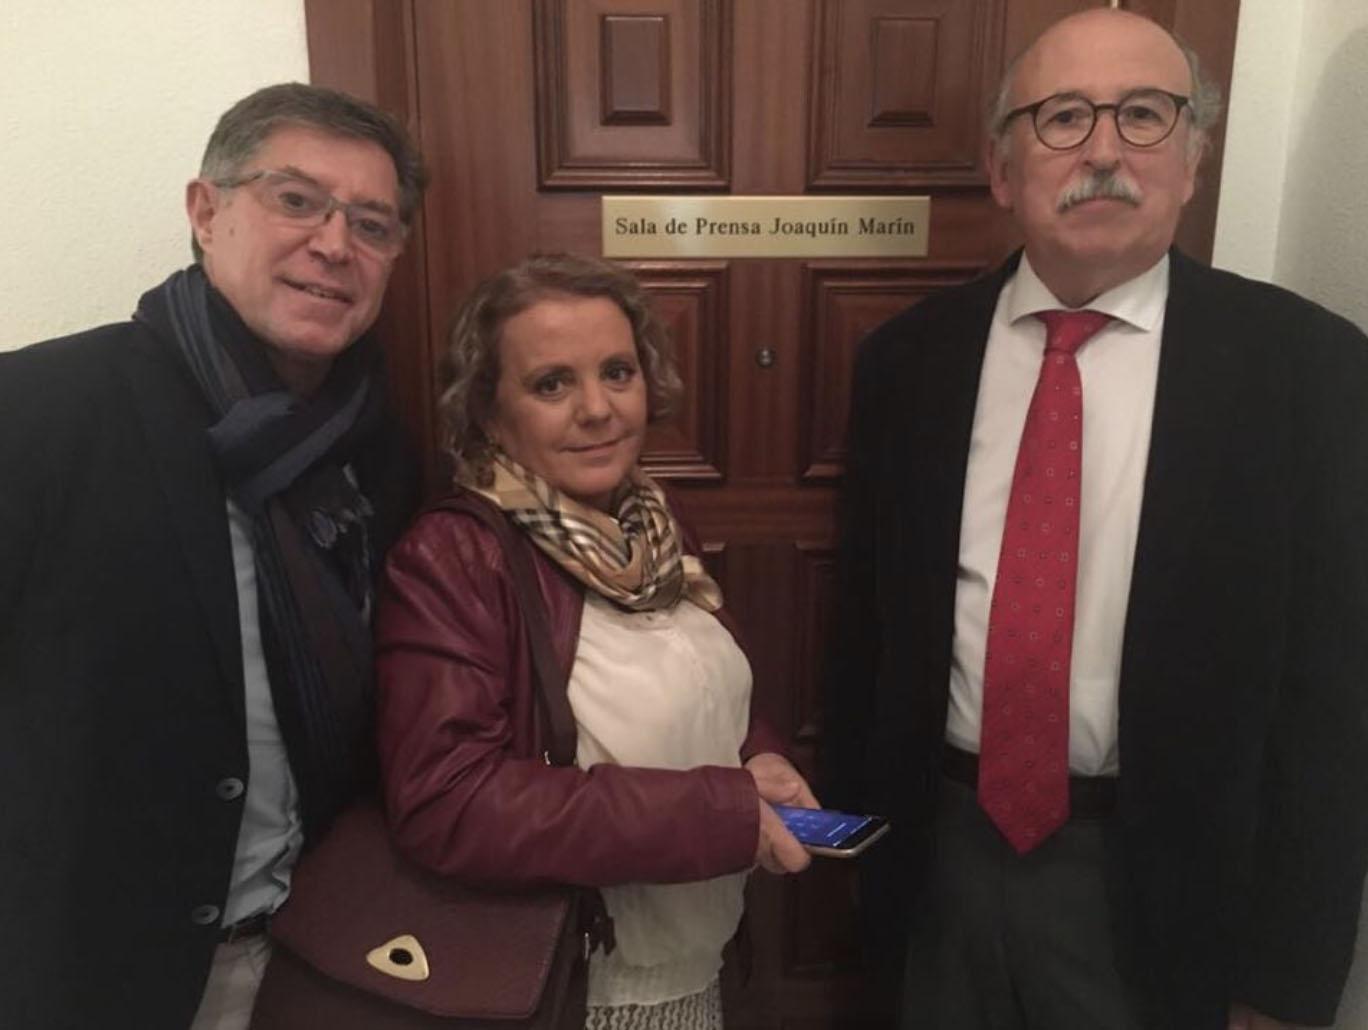 La APDM, en la inauguración de la sala de prensa Joaquín Marín